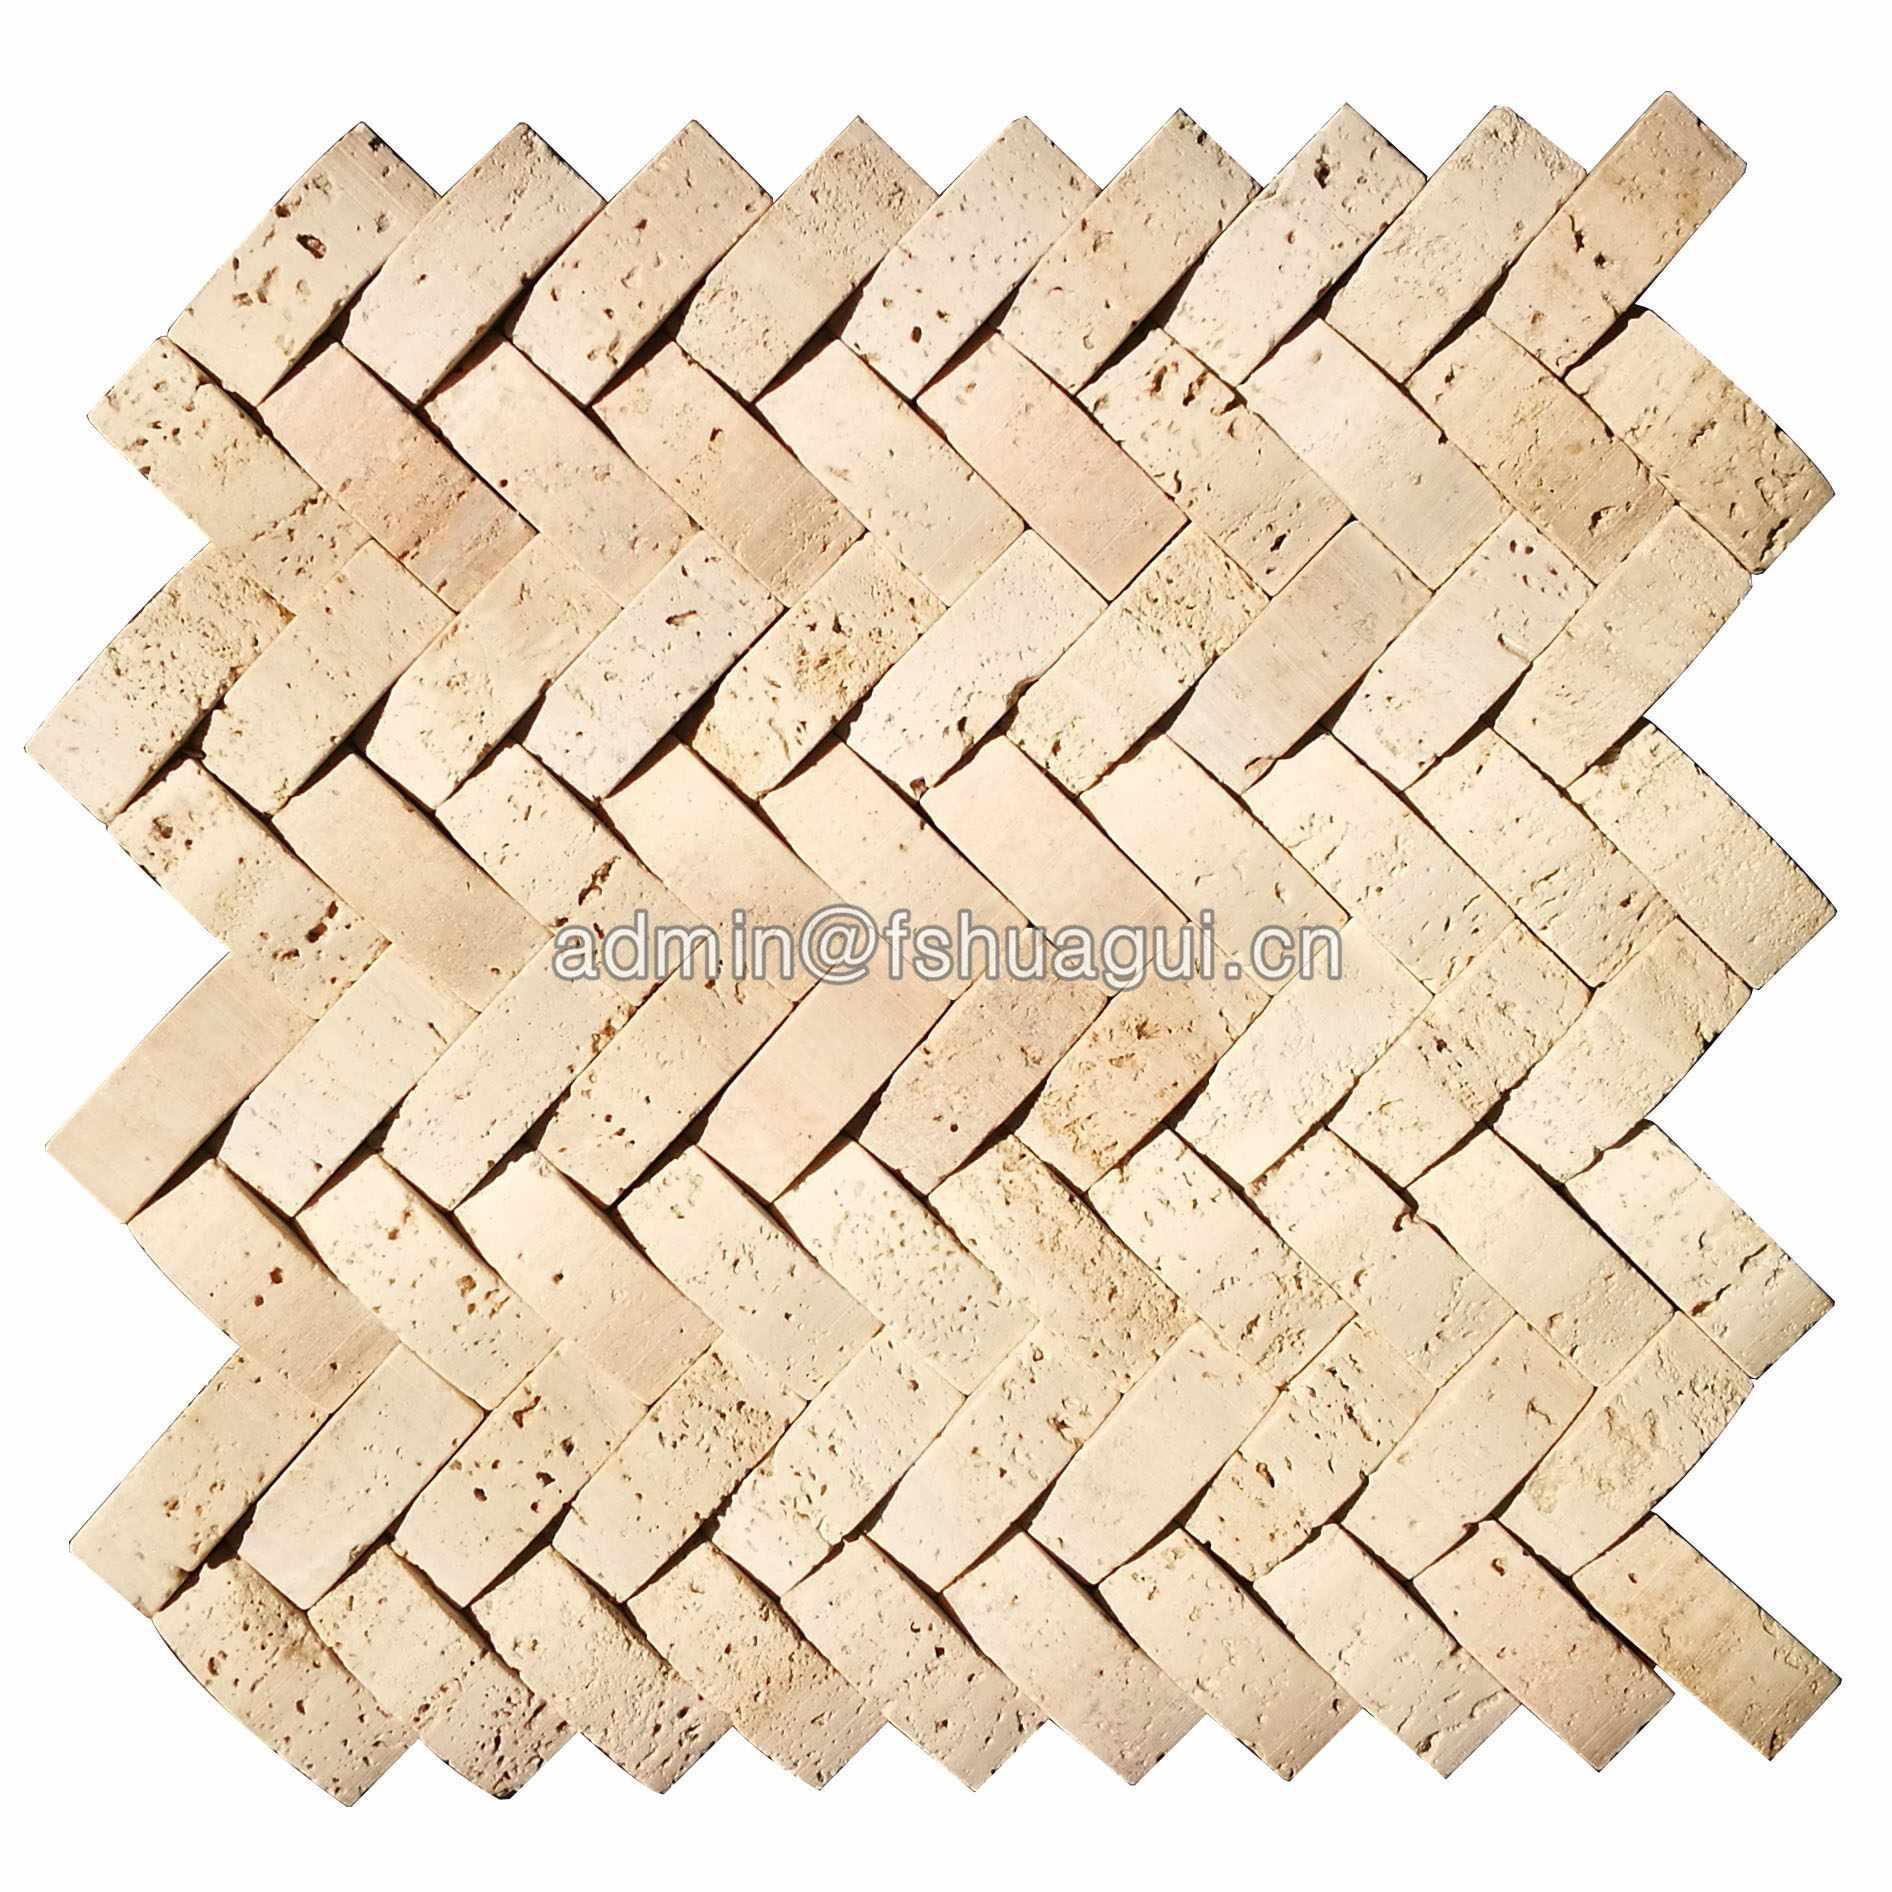 3D brick Egypt building style beige color stone mosaic tile